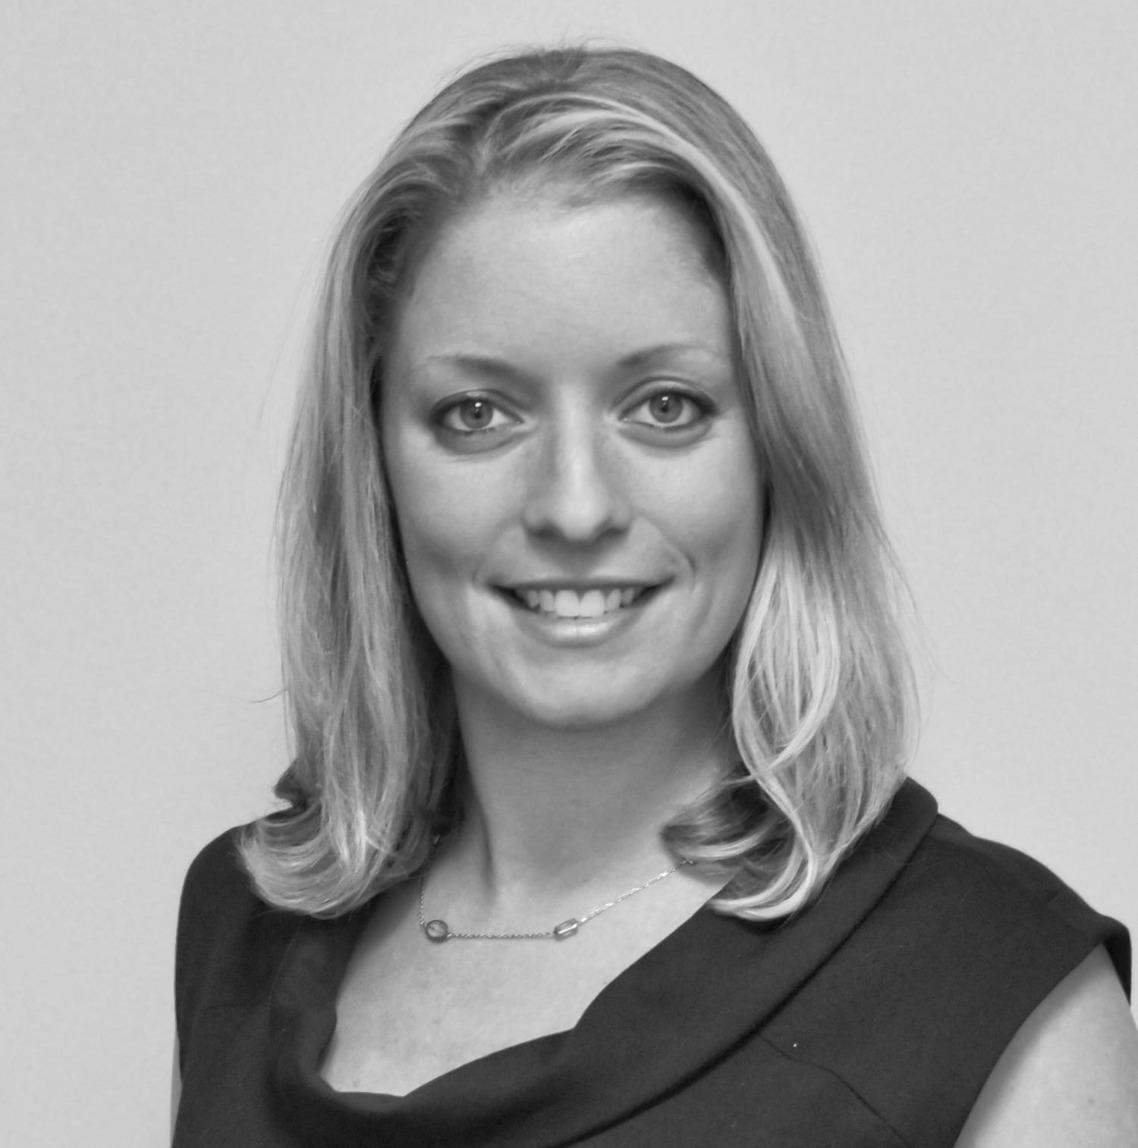 Lauren King